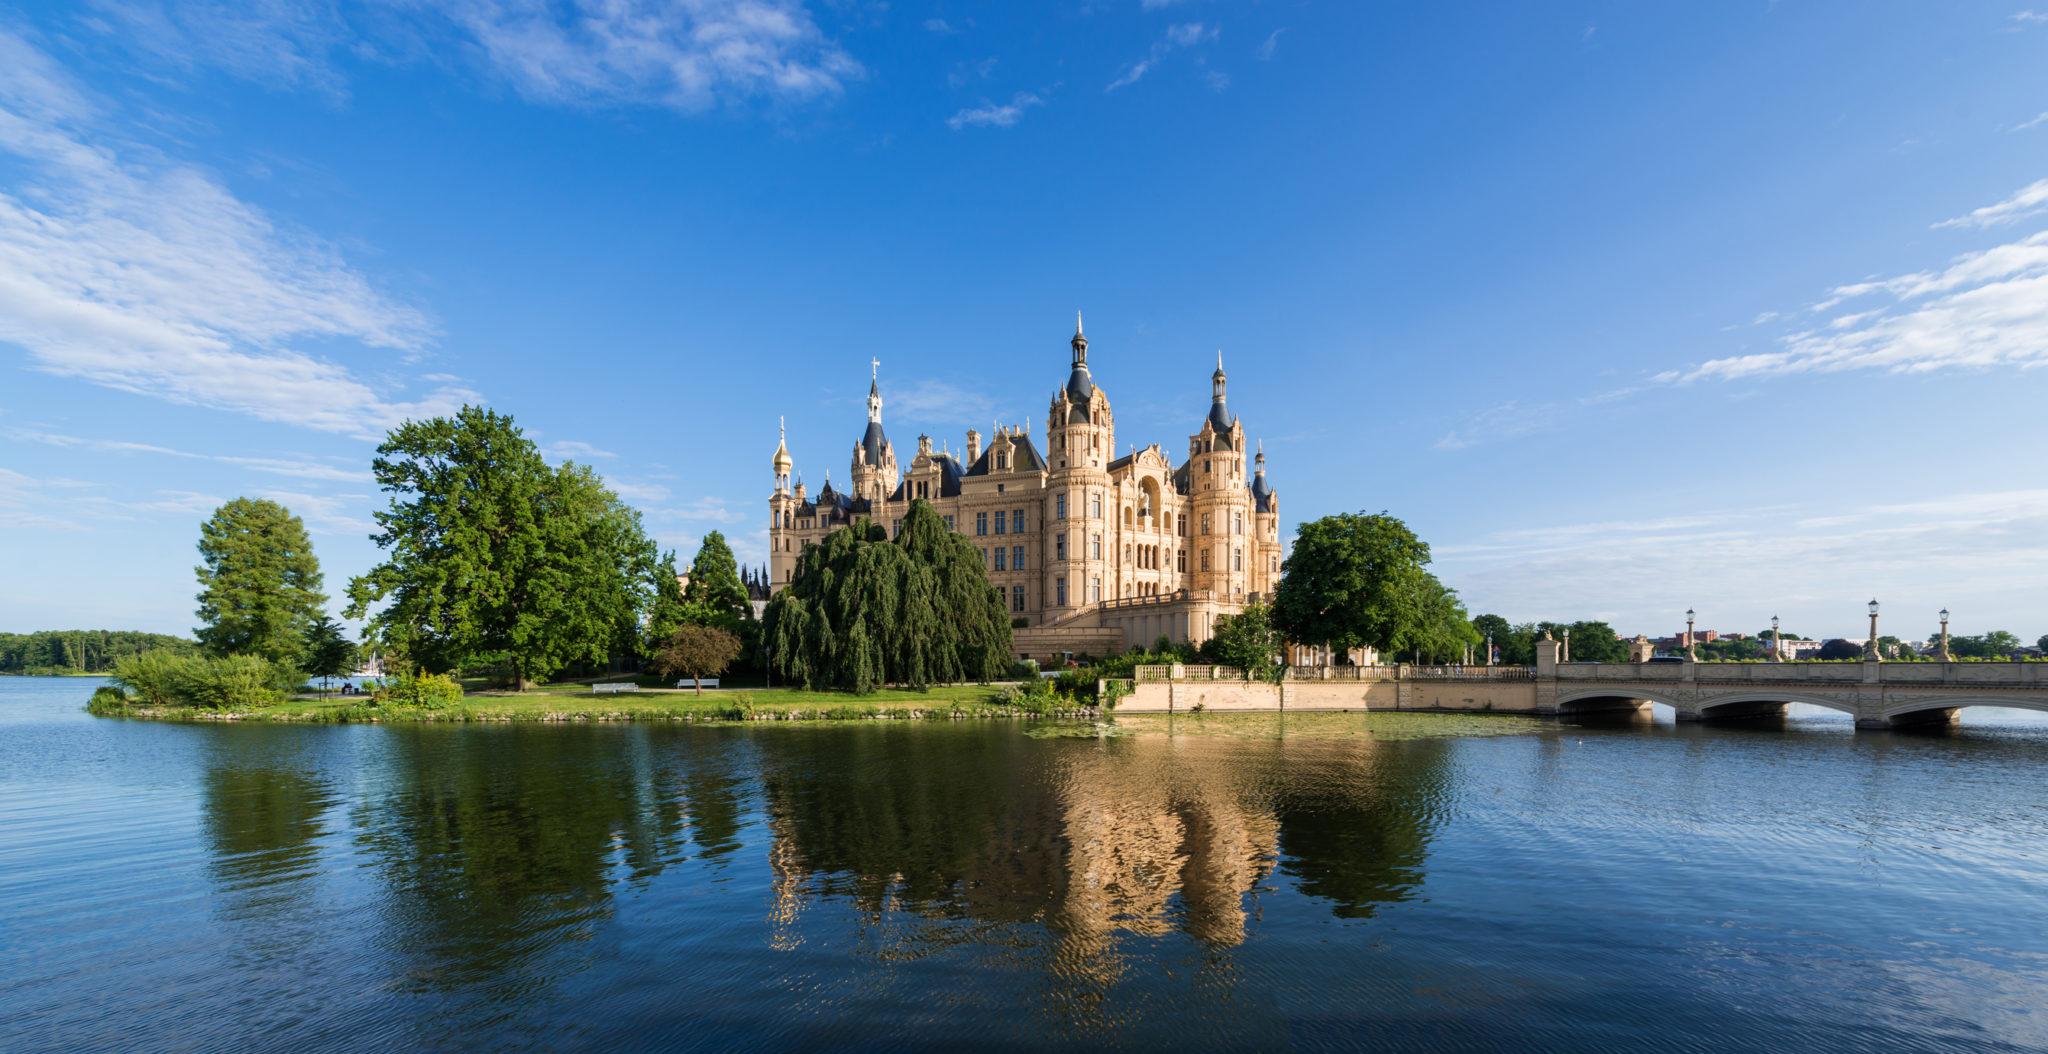 Haushaltsauflösung und Entrümpelung in Schwerin